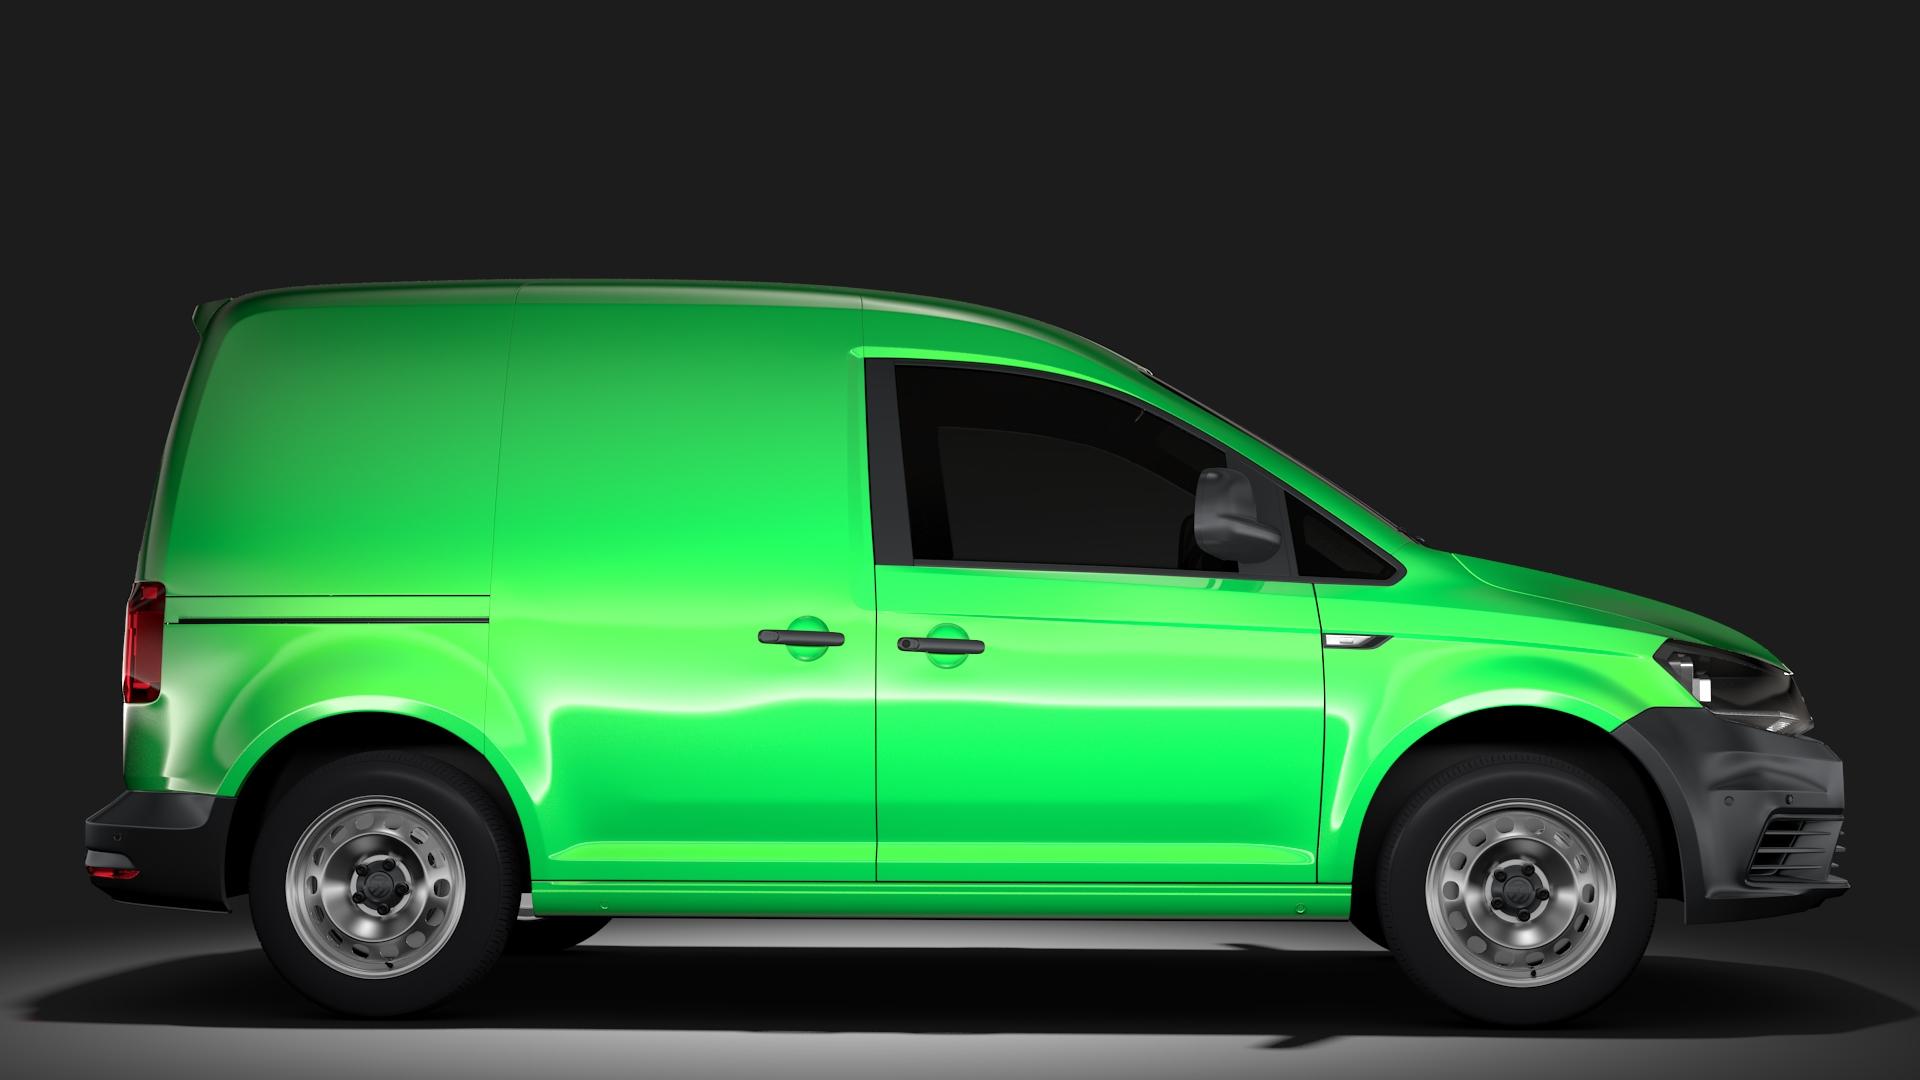 volkswagen caddy panel van l1 2017 3d model max fbx c4d lwo ma mb hrc xsi obj 274405